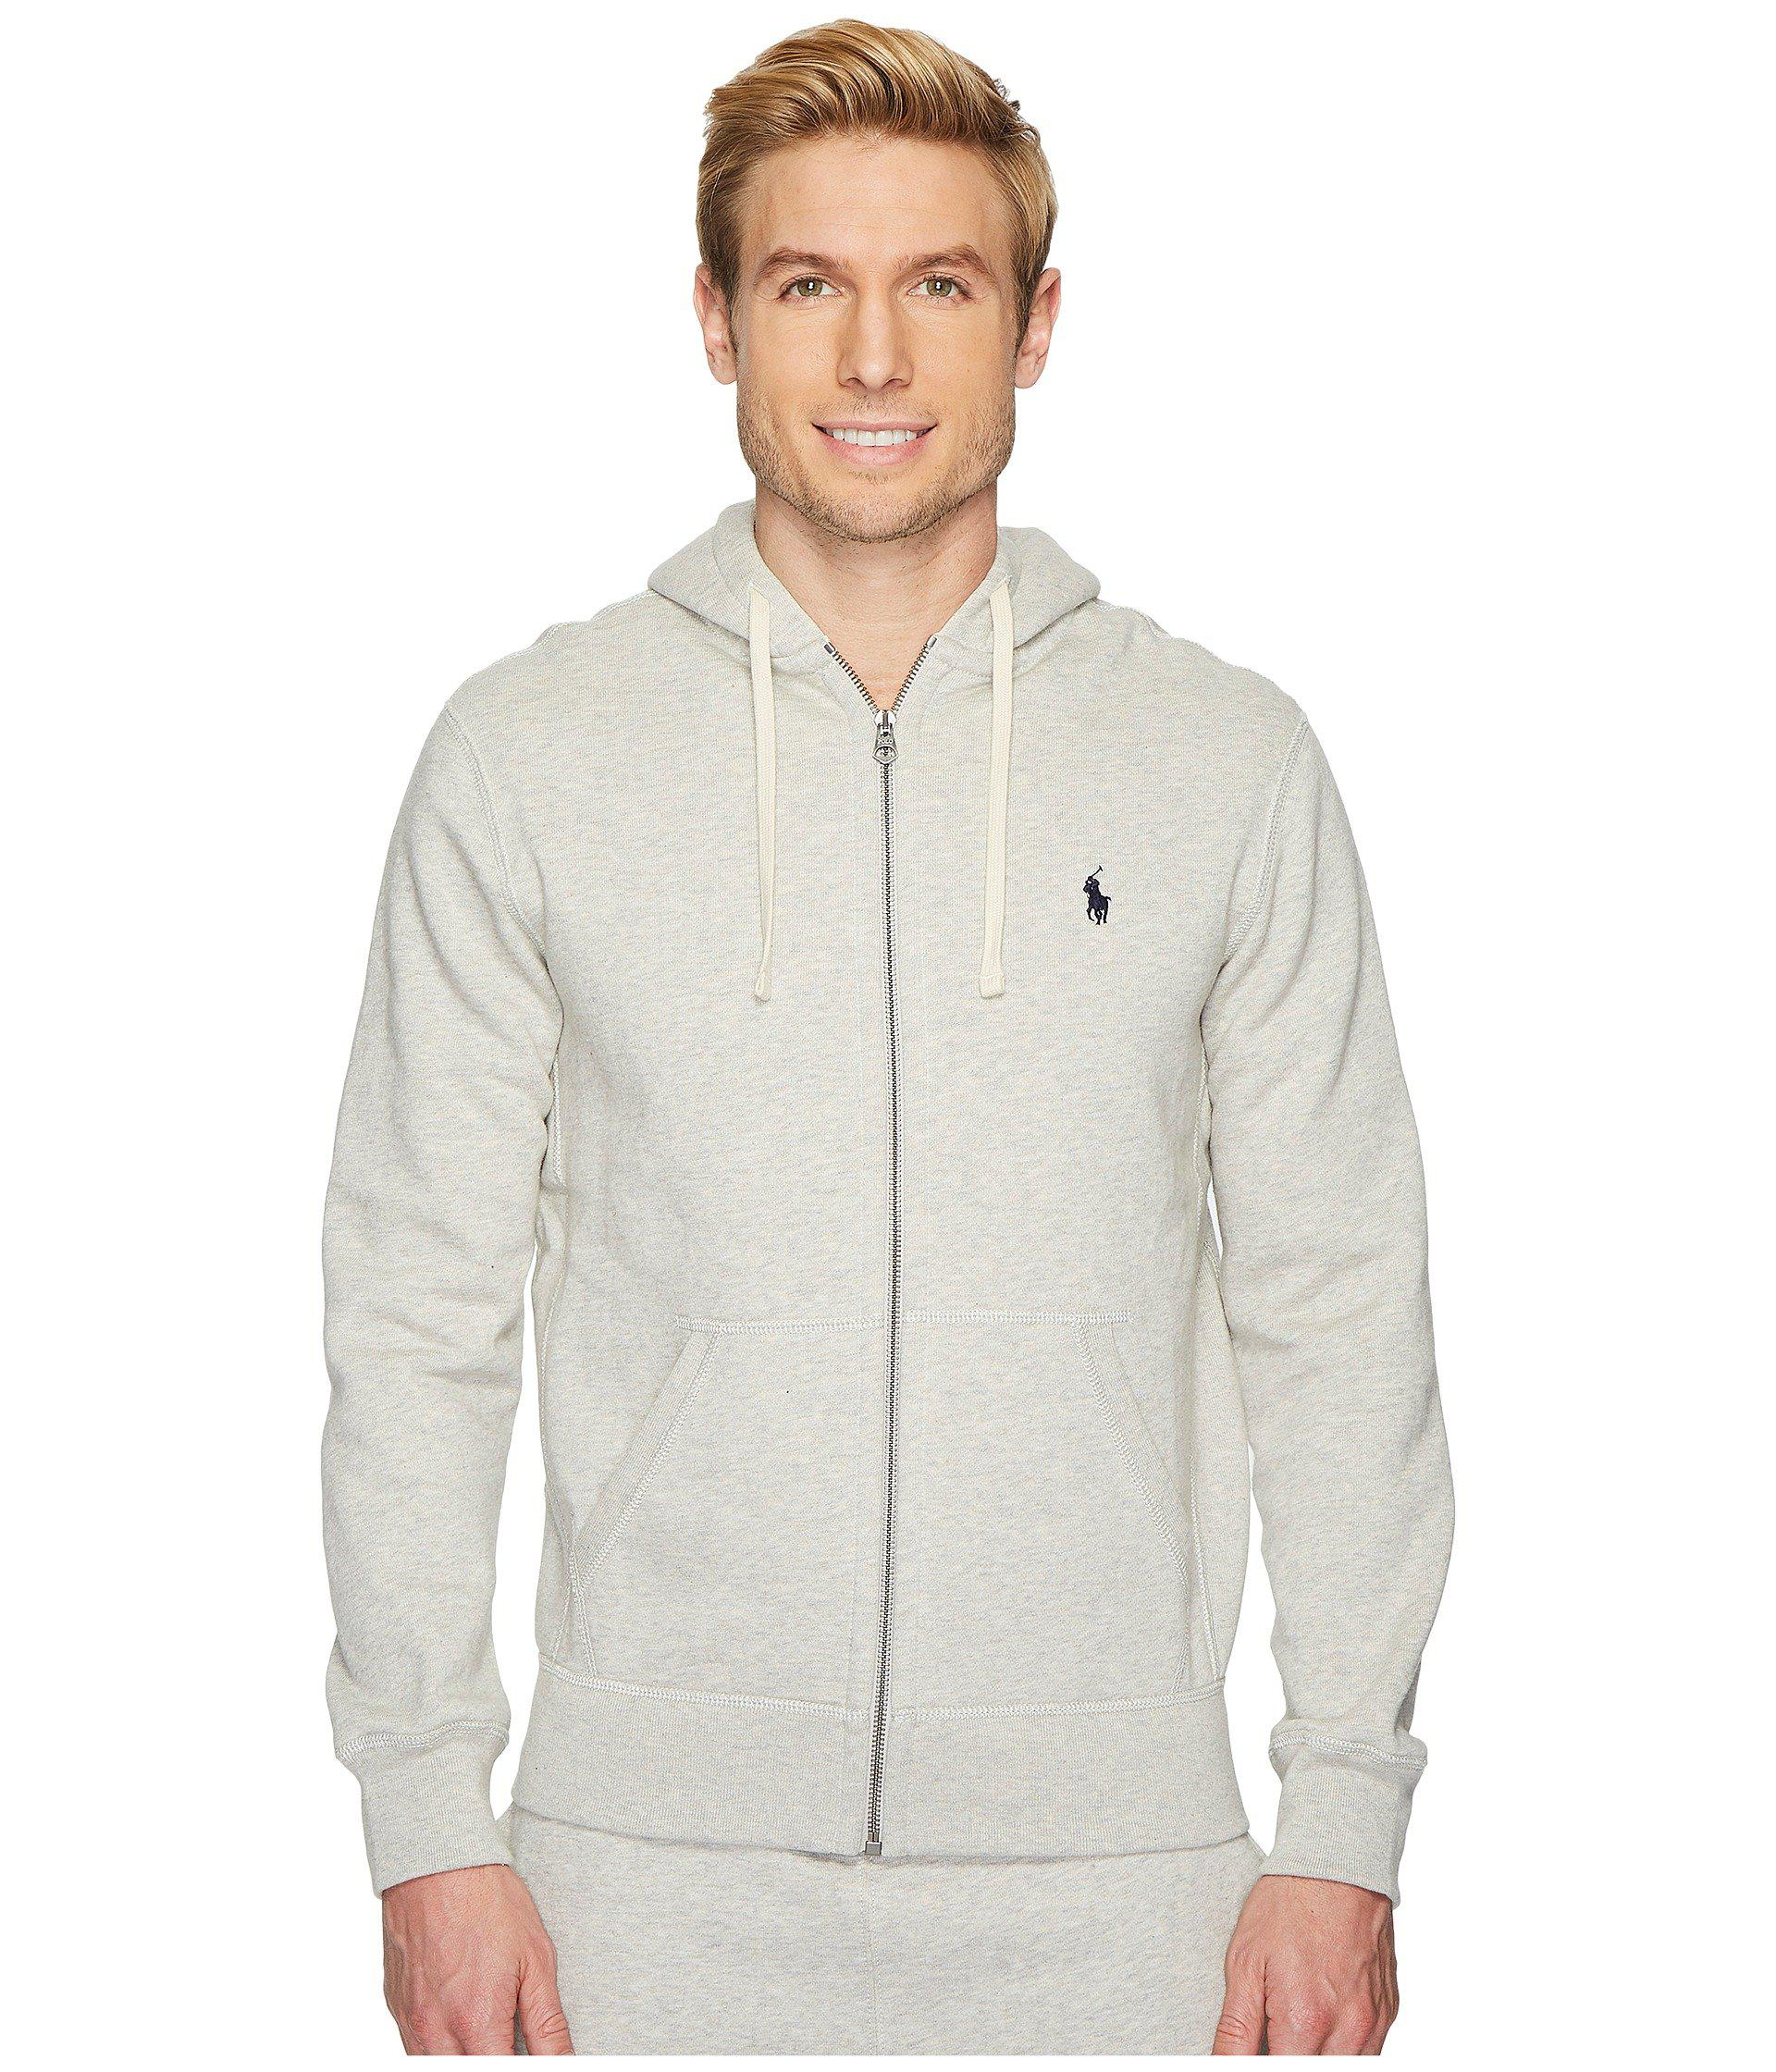 Gray Classic Fleece Polo Sweatshirt Full Ralph Sport Lauren For Zip HeatherMen's Hoodielight Men UzqMVSp